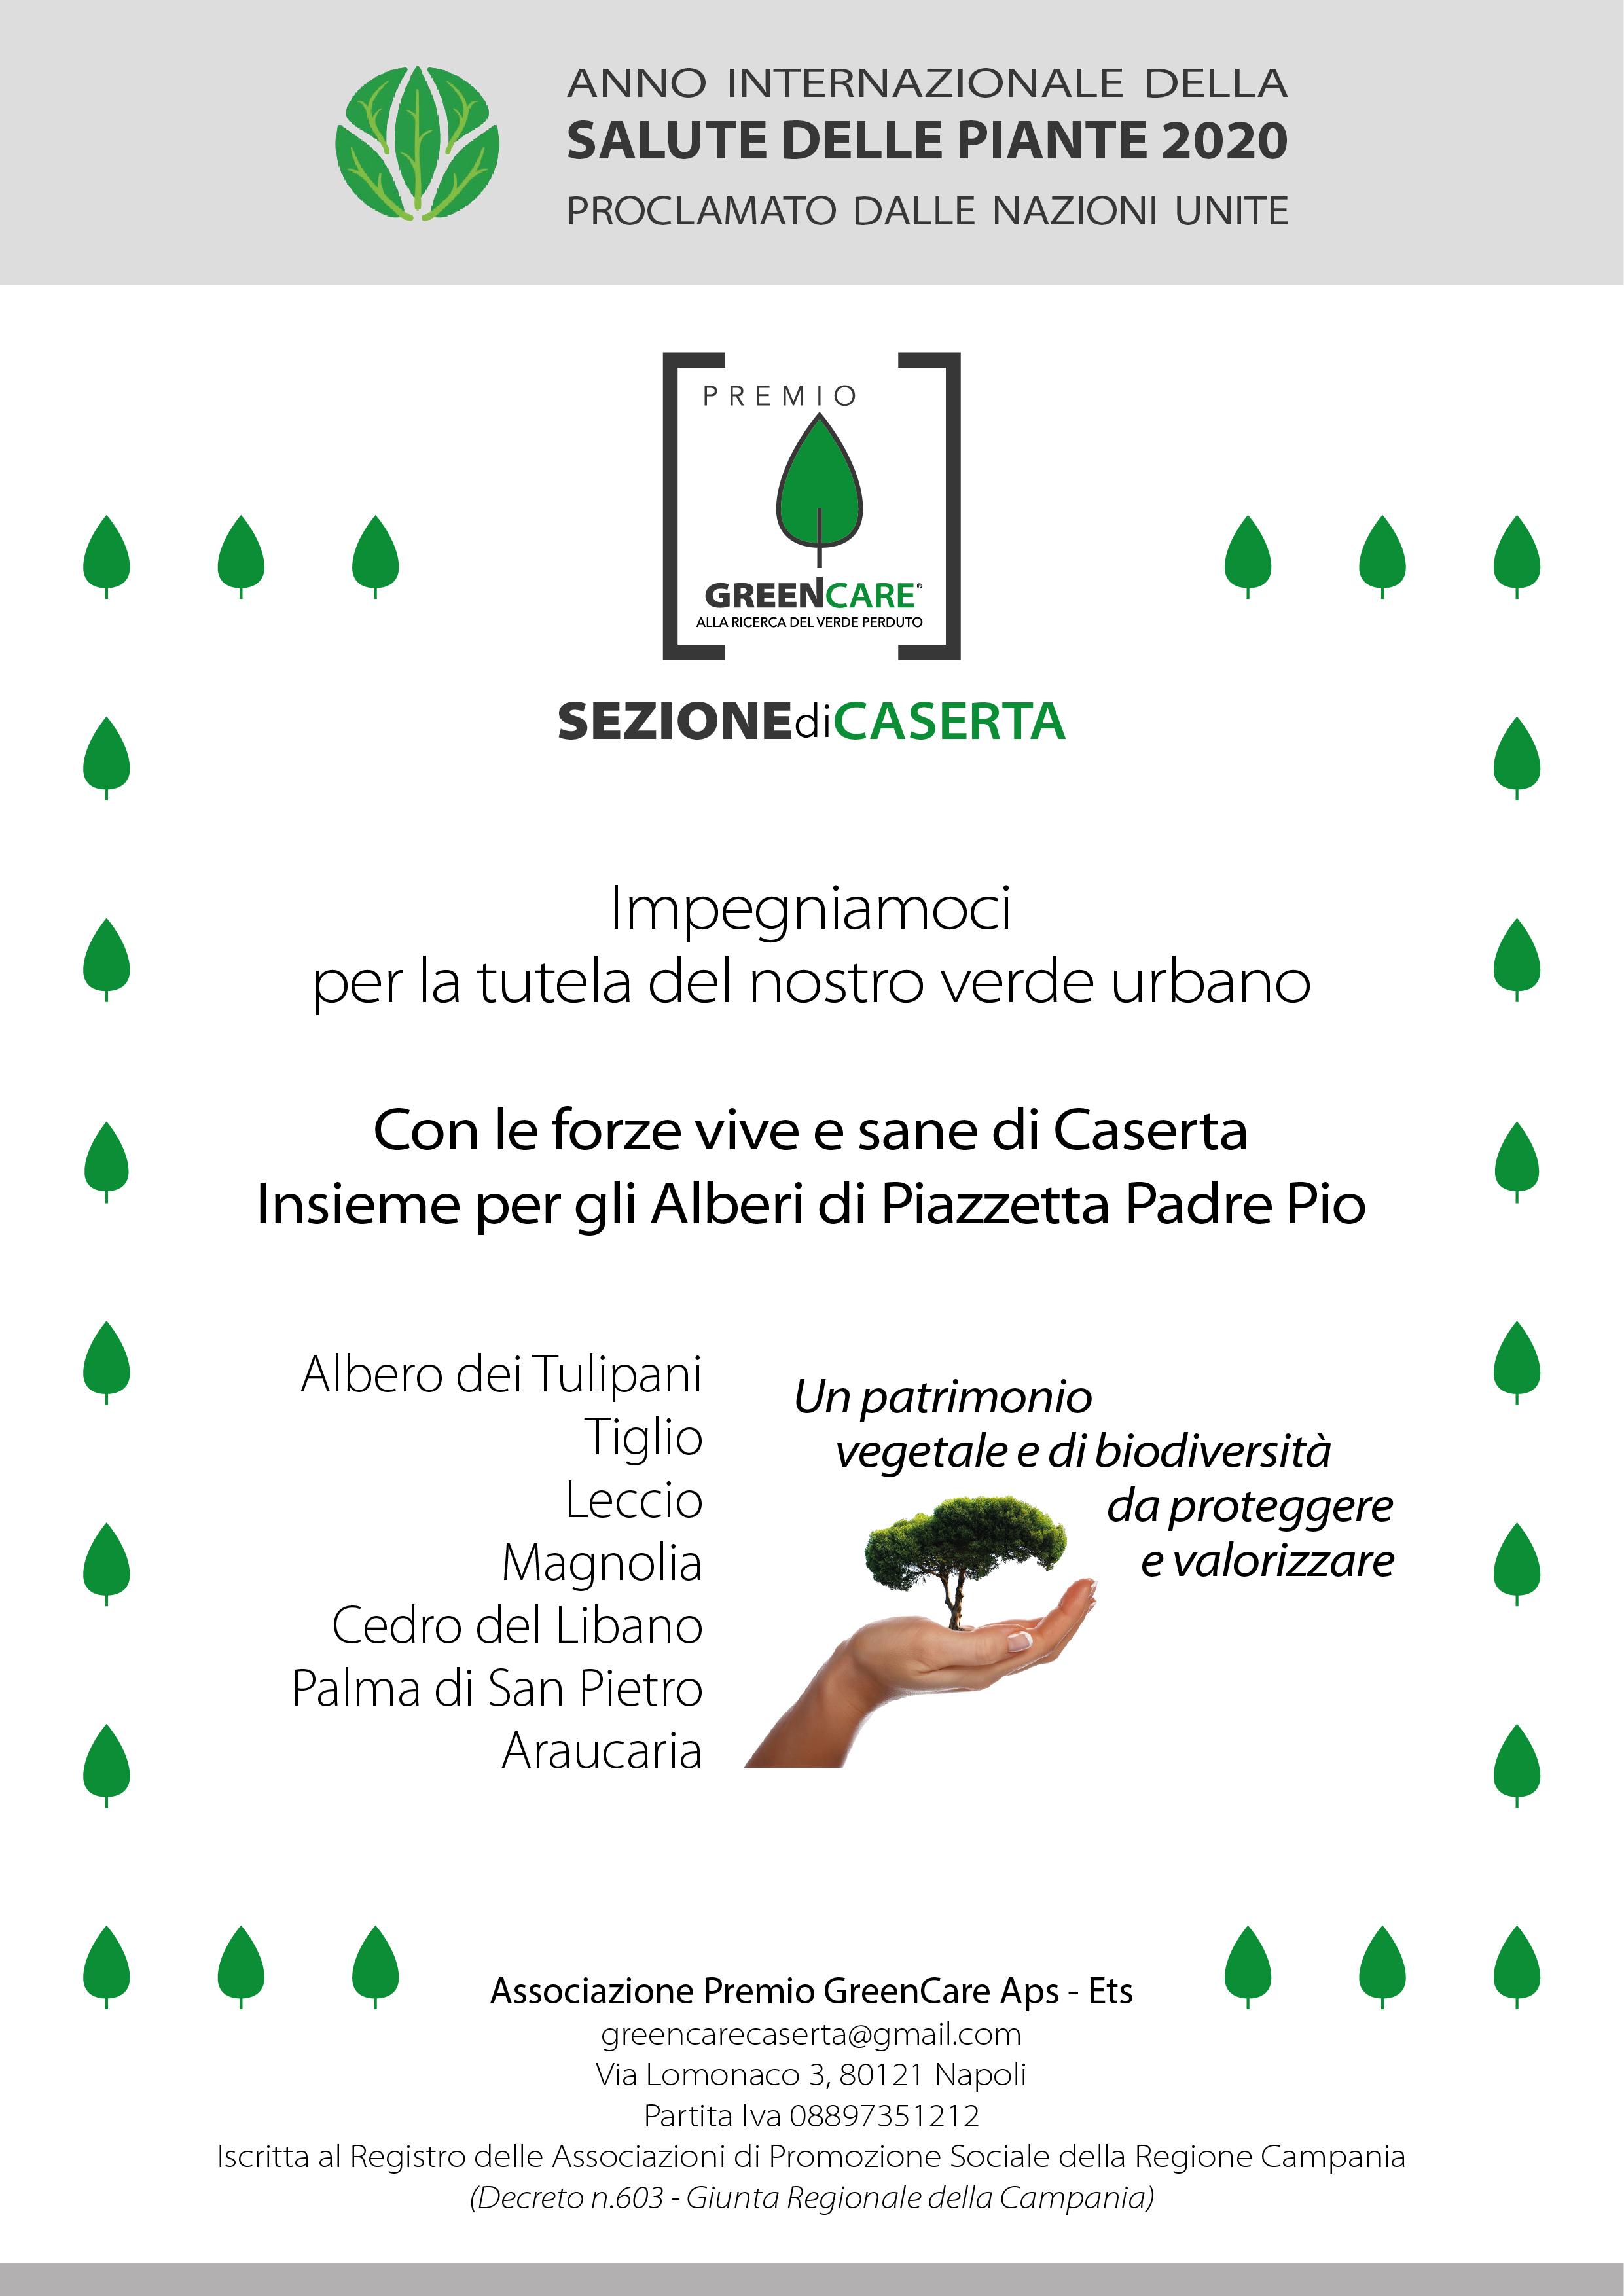 Il patrimonio vegetale di Piazzetta Padre Pio